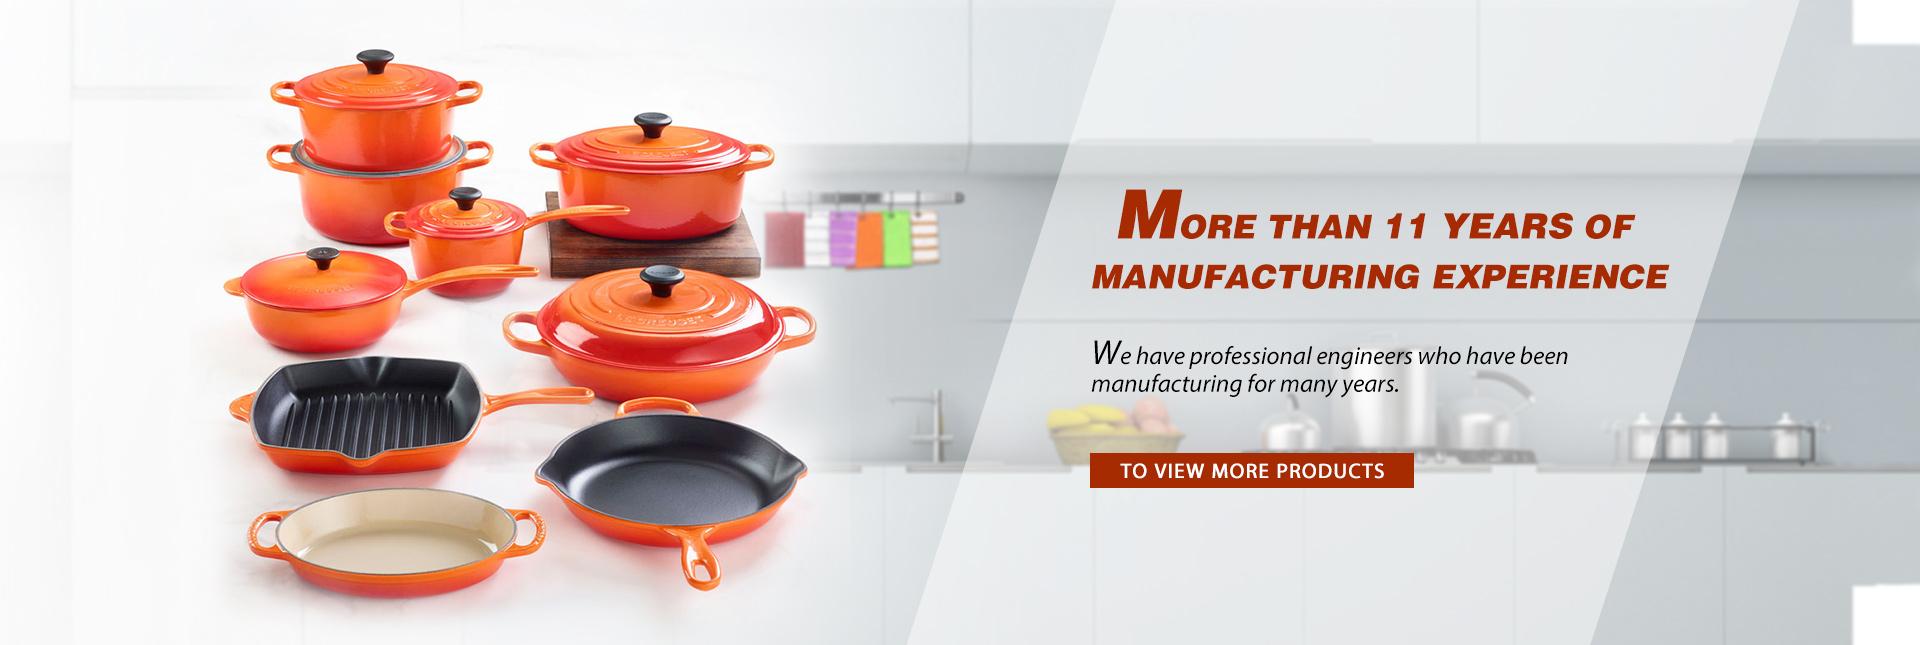 Enamel Cast Iron Sauce Pan Suppliers Factory China Enamel Cast